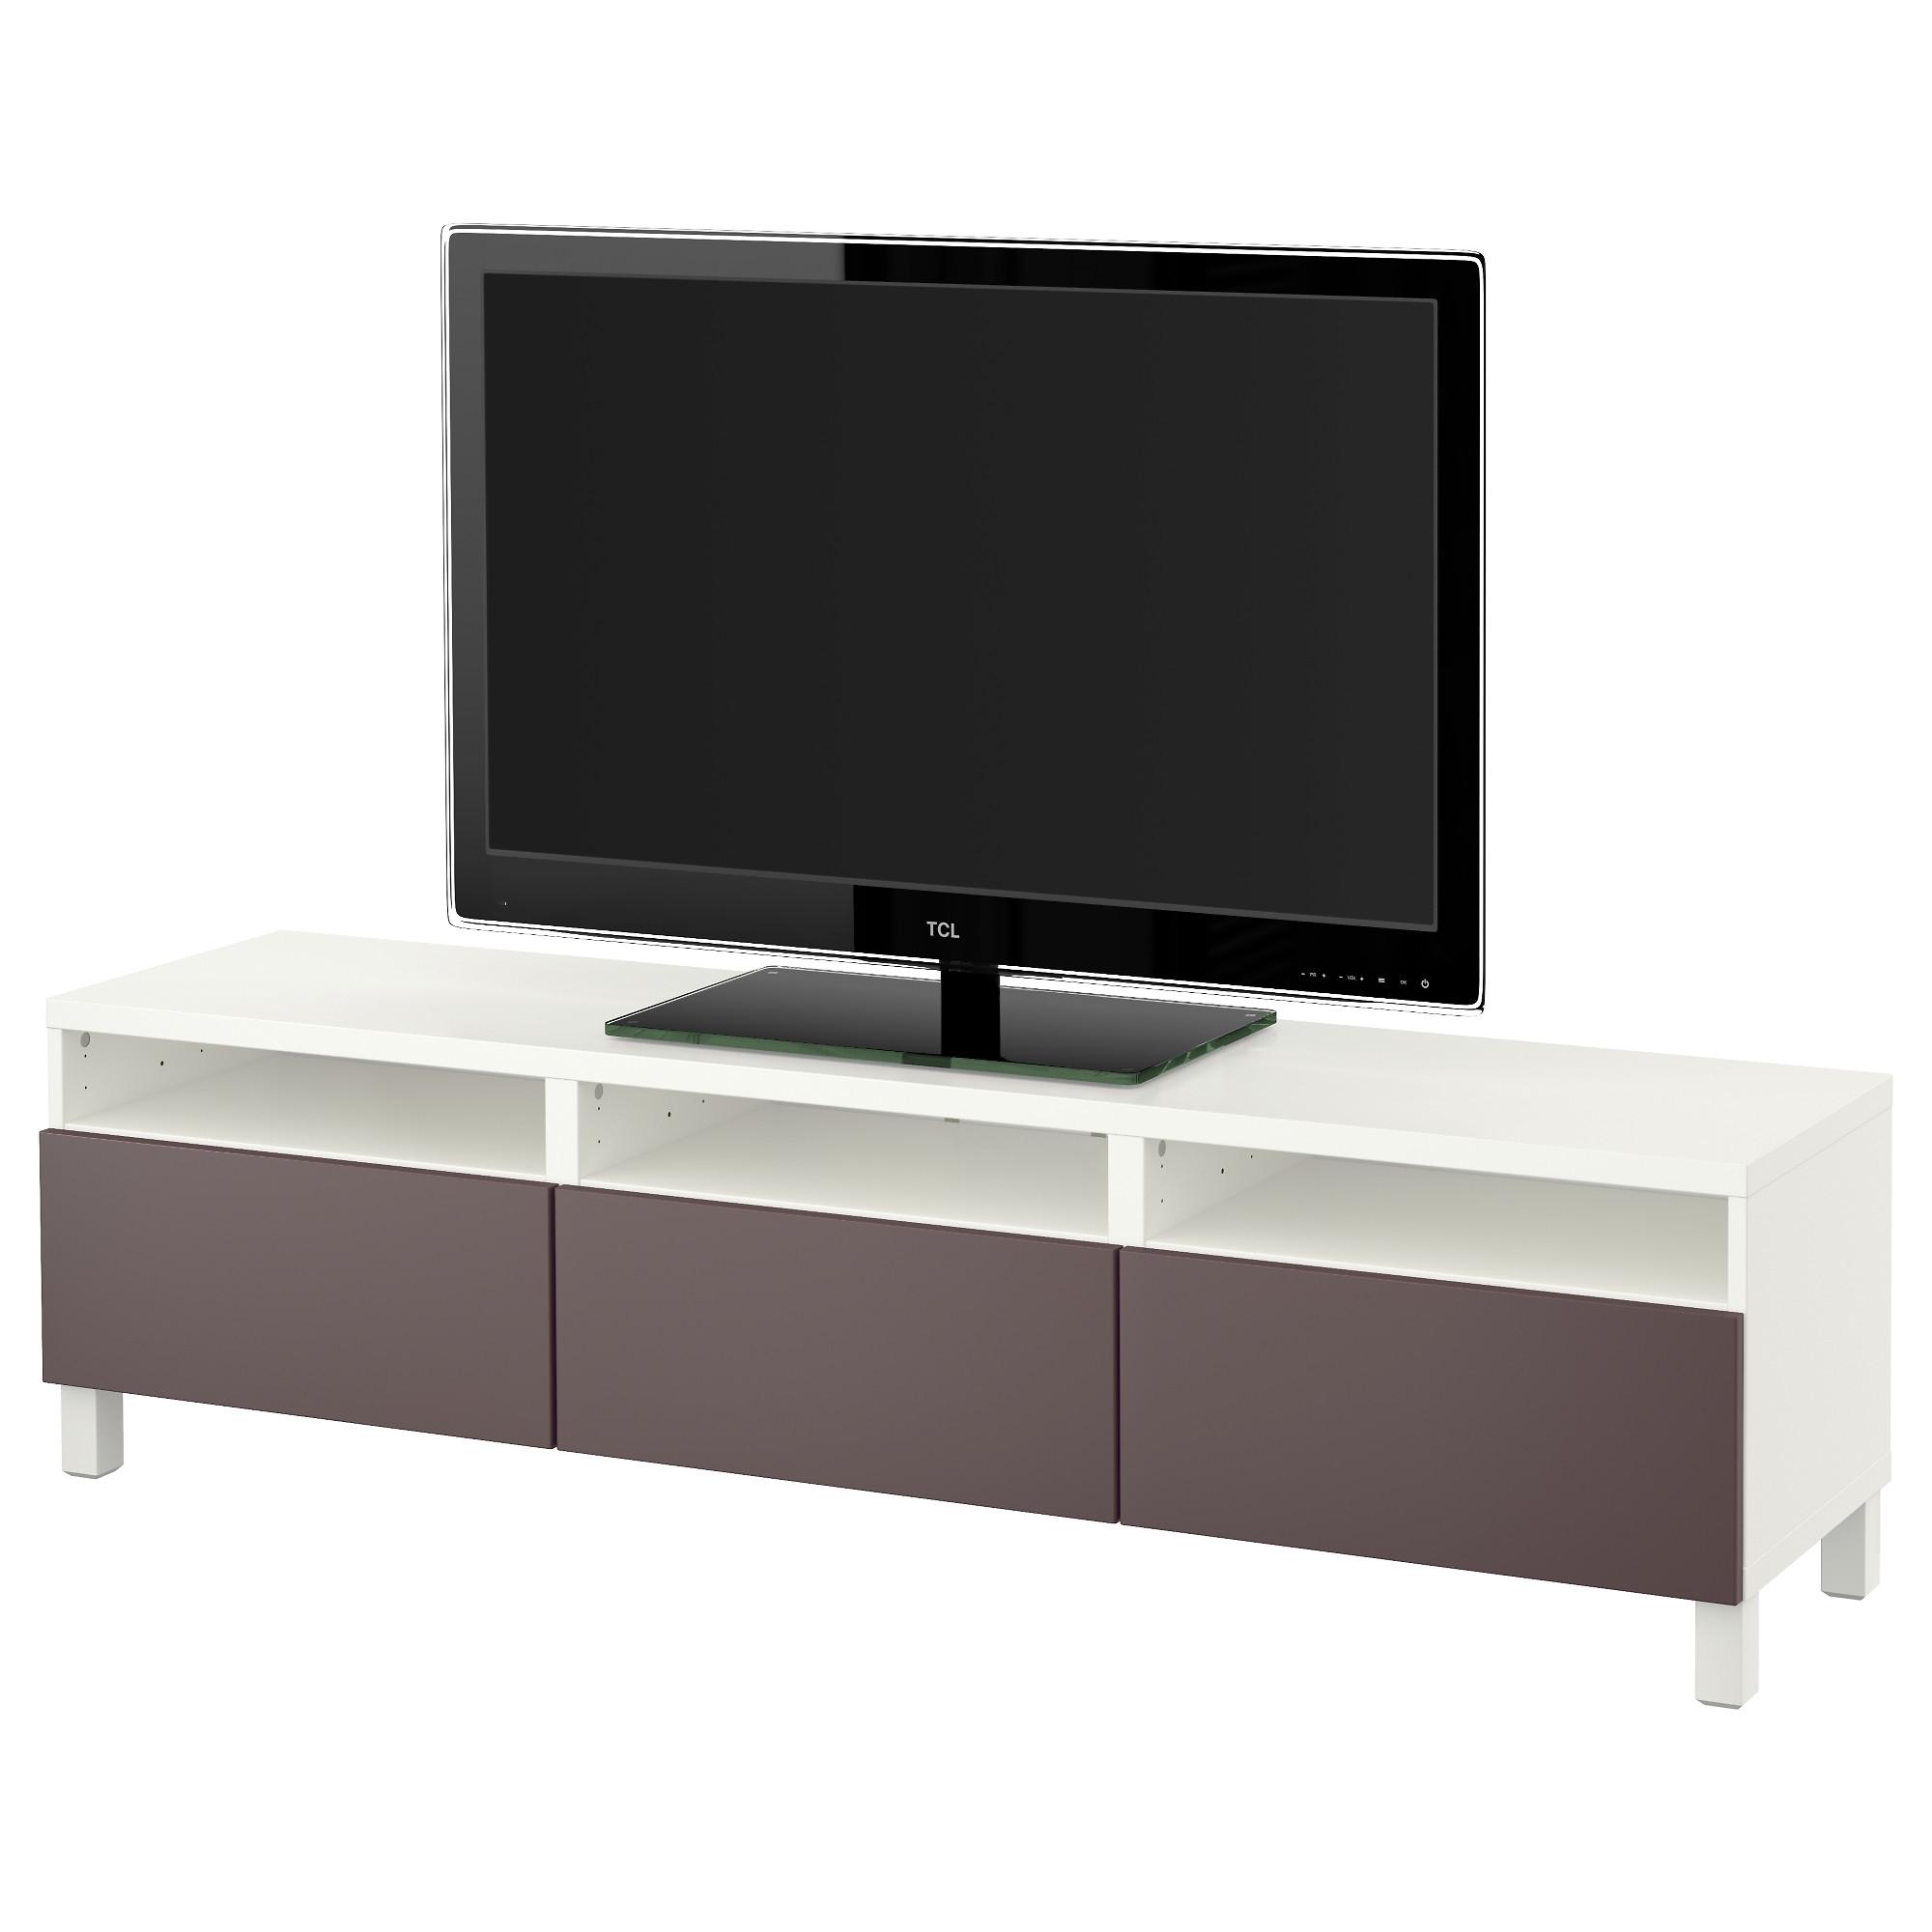 Тумба для ТВ с ящиками БЕСТО темно-коричневый артикуль № 191.395.87 в наличии. Интернет сайт IKEA Республика Беларусь. Быстрая доставка и соборка.